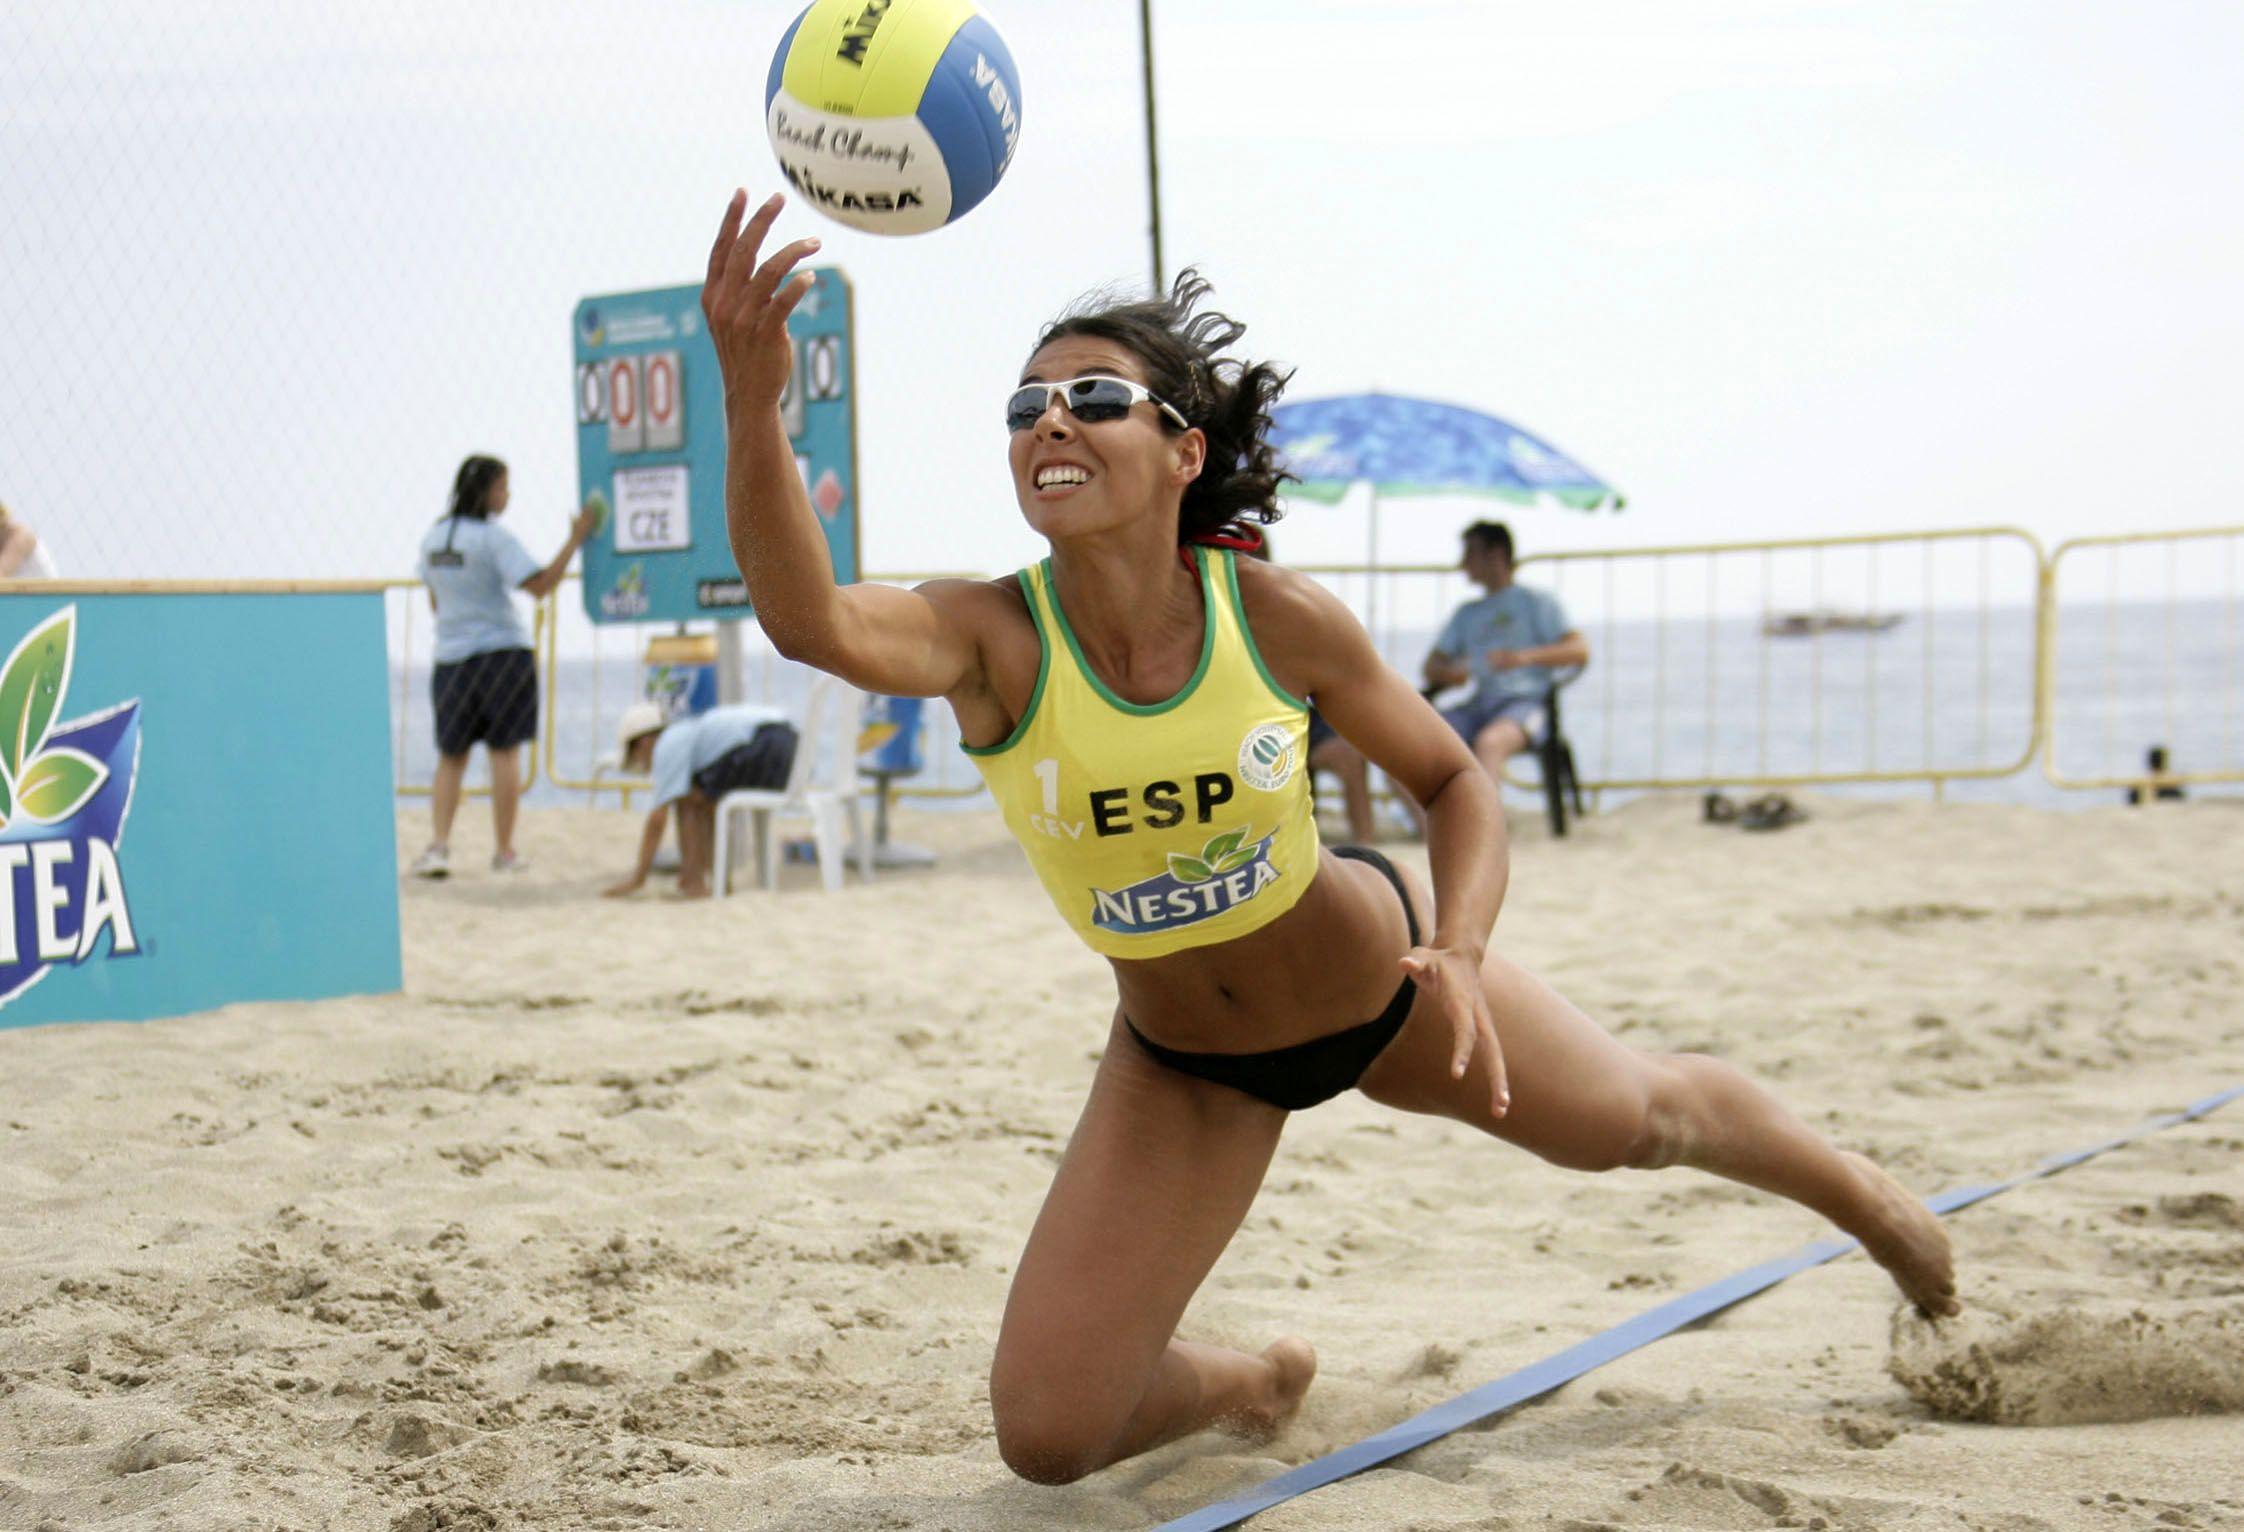 Beachvolleyball: NESTEA European Championship Tour 2006, Turkish Masters, Teresa Zunzunegui (ESP) , www.hoch-zwei.net , copyright: HOCH ZWEI / GSM